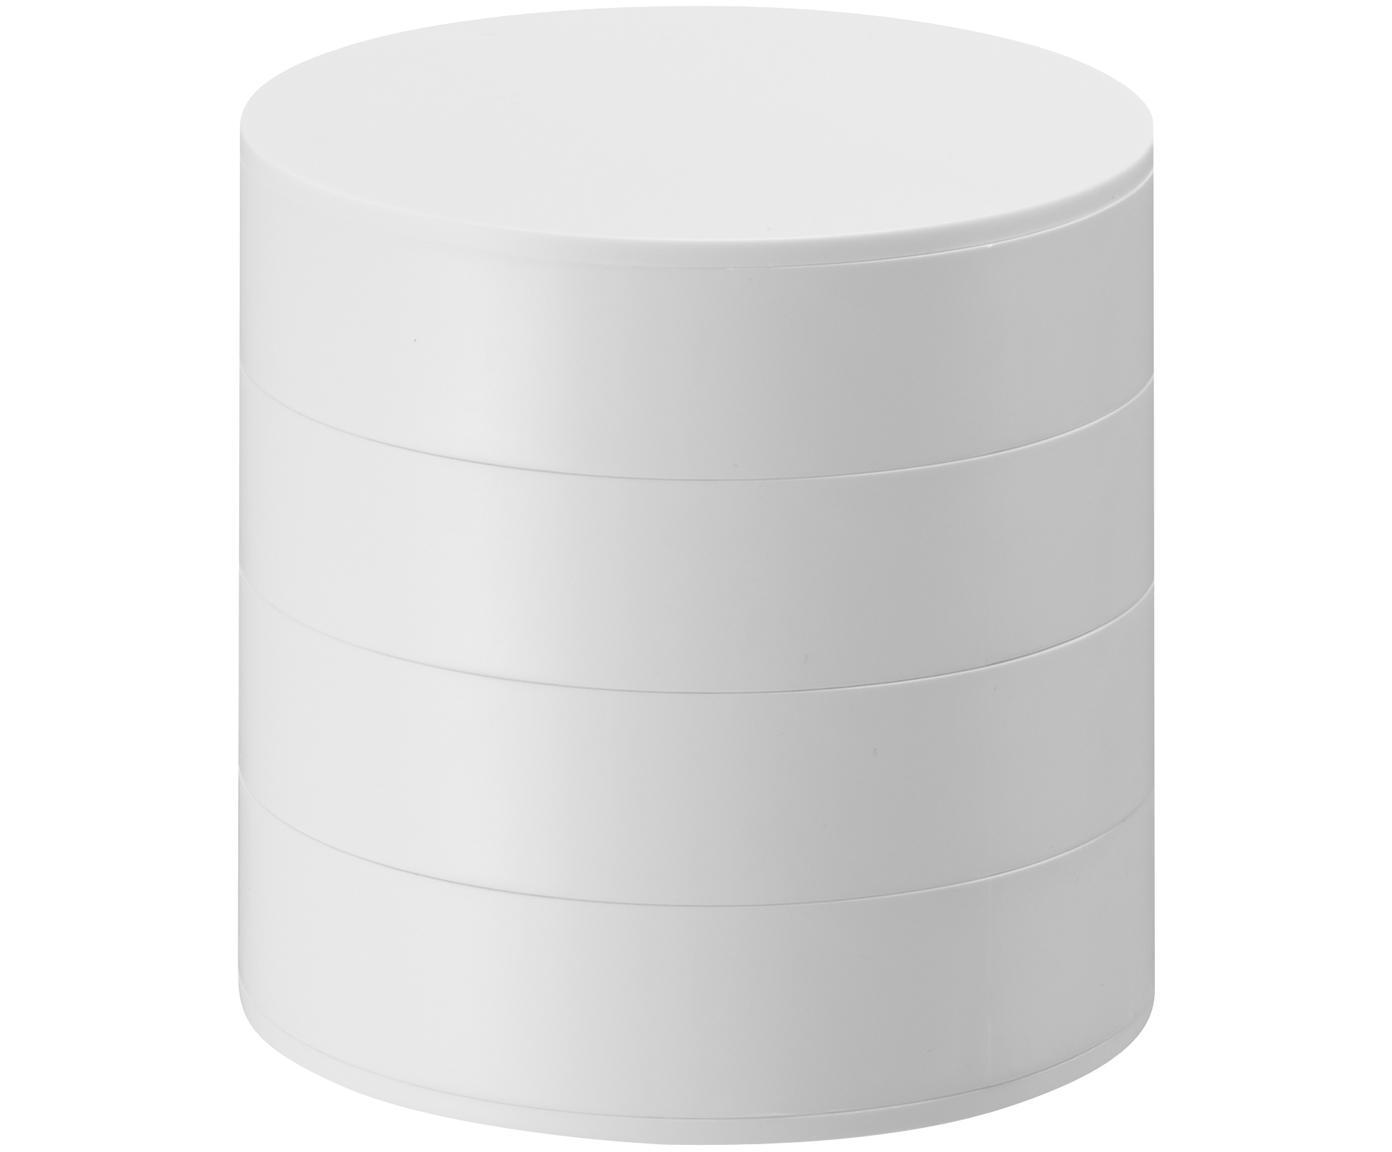 Pudełko na biżuterię Tower, Biały, Ø 10 x W 10 cm